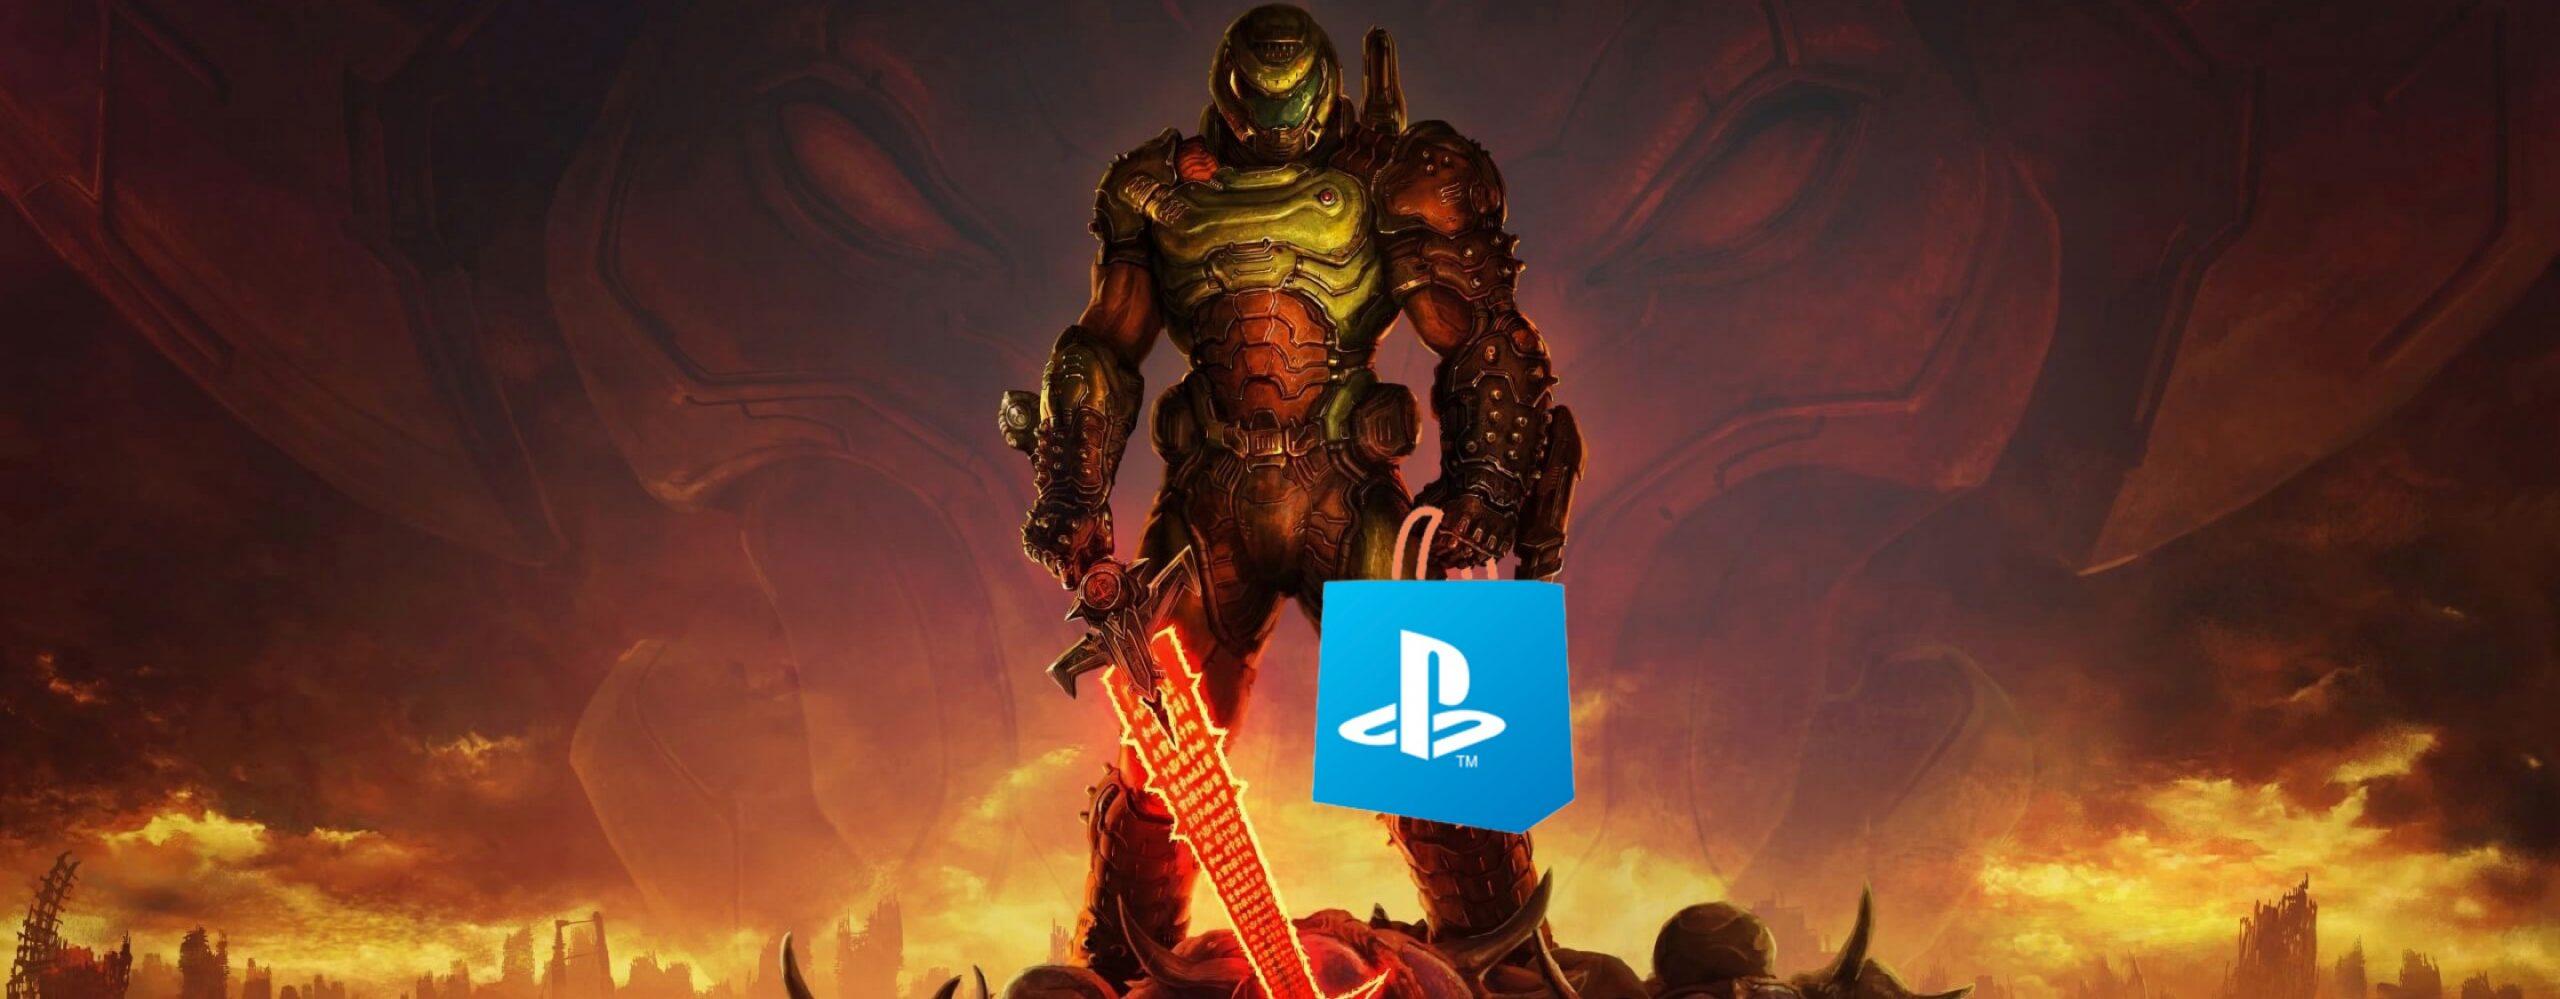 PS Store: Schnappt euch jetzt Shooter-Hit Doom Eternal als Angebot der Woche